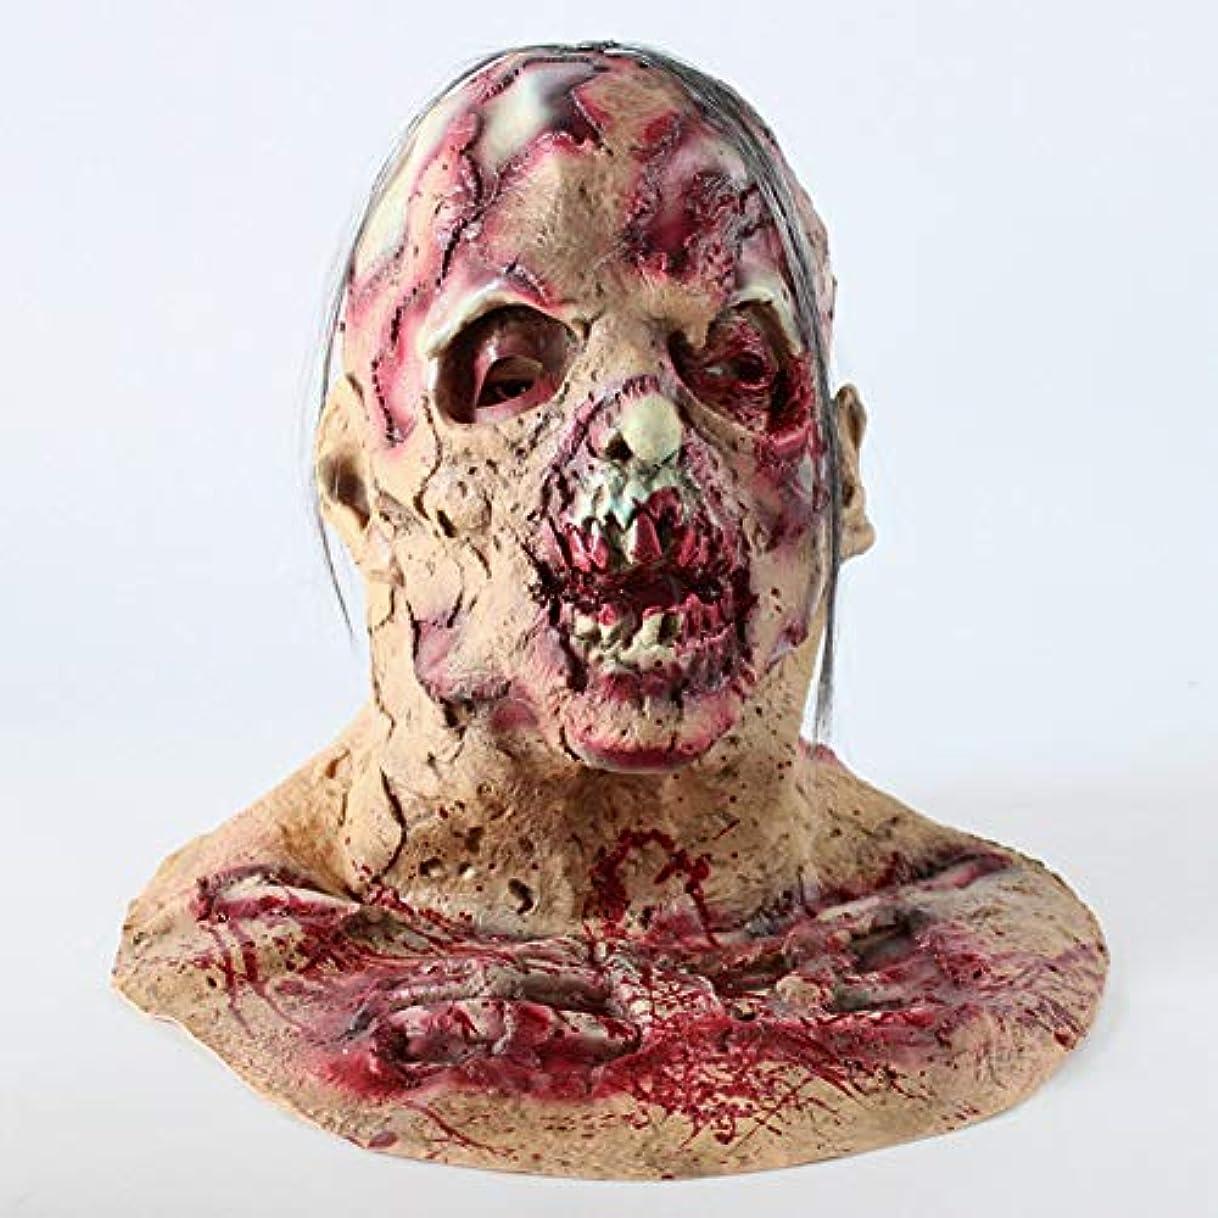 公式グリットモットーハロウィーンホラーマスク、嫌なゾンビマスク、バイオハザードヘッドマスク、パーティー仮装ラテックスマスク